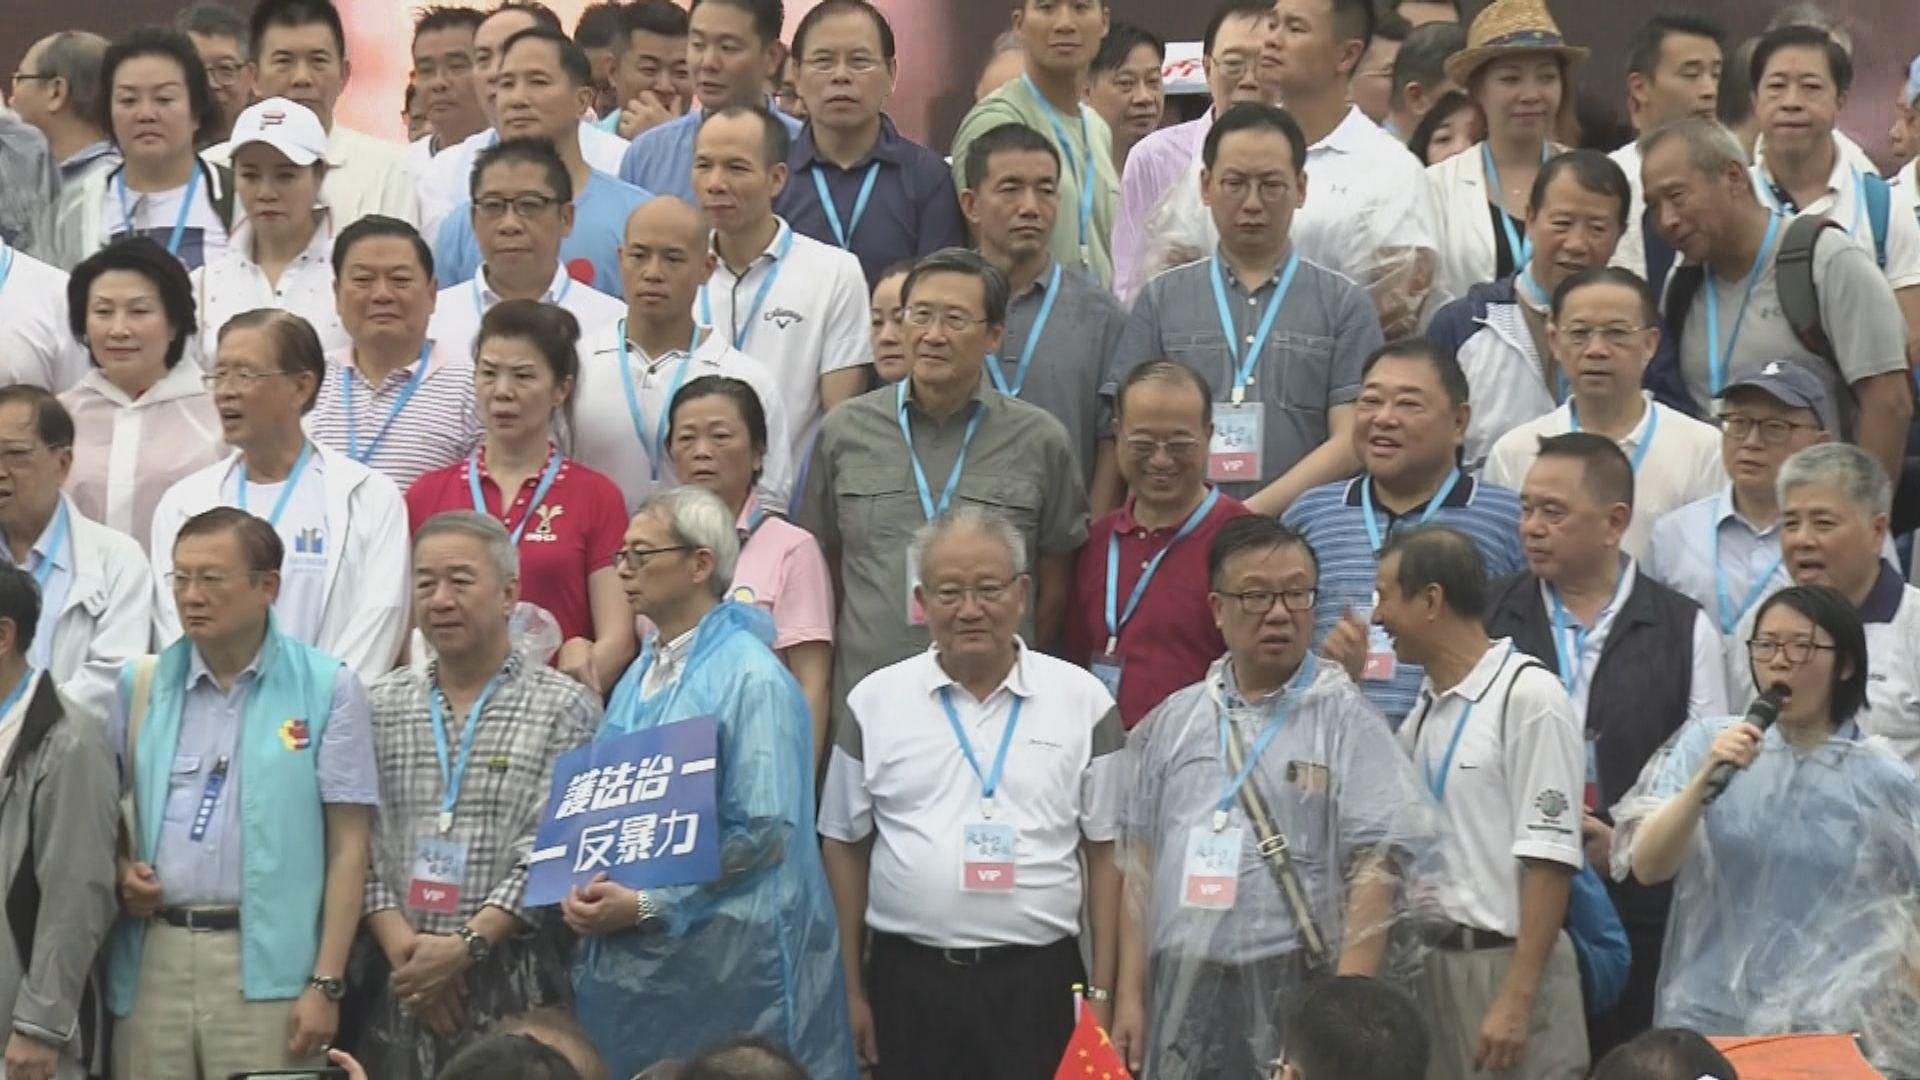 多名商界代表參與守護香港集會